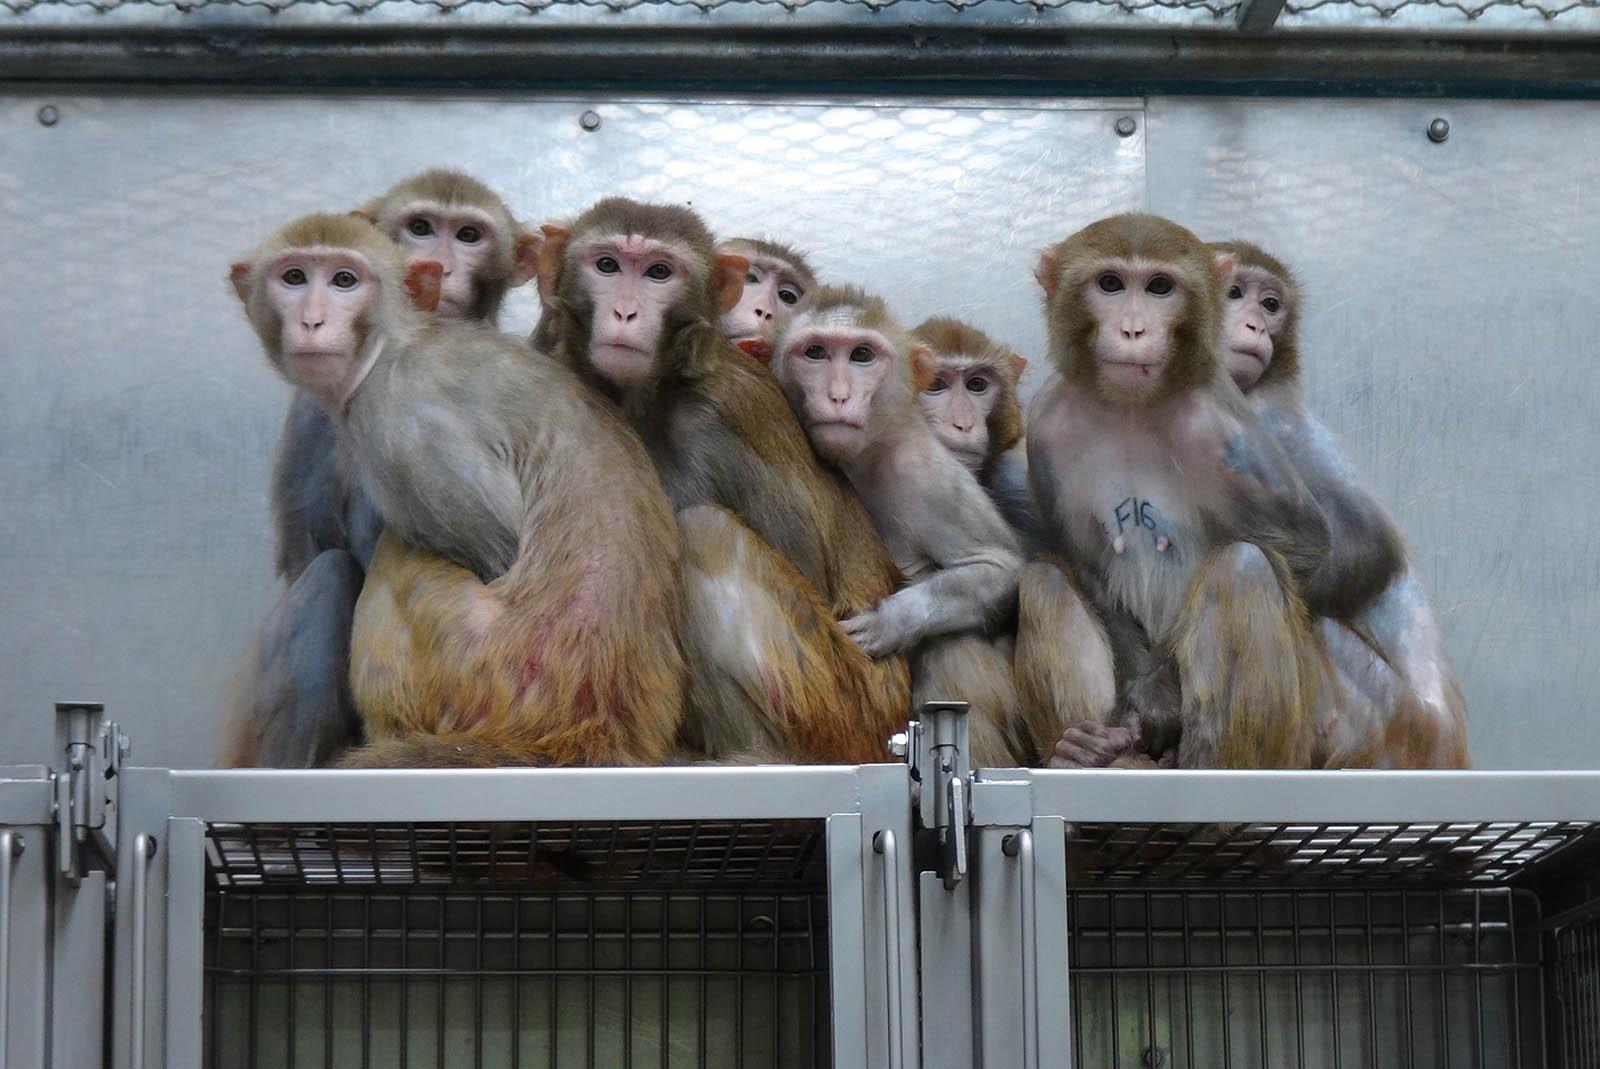 Malaria, Tuberkulose, HIV: Diese Affen werden krank gemacht!